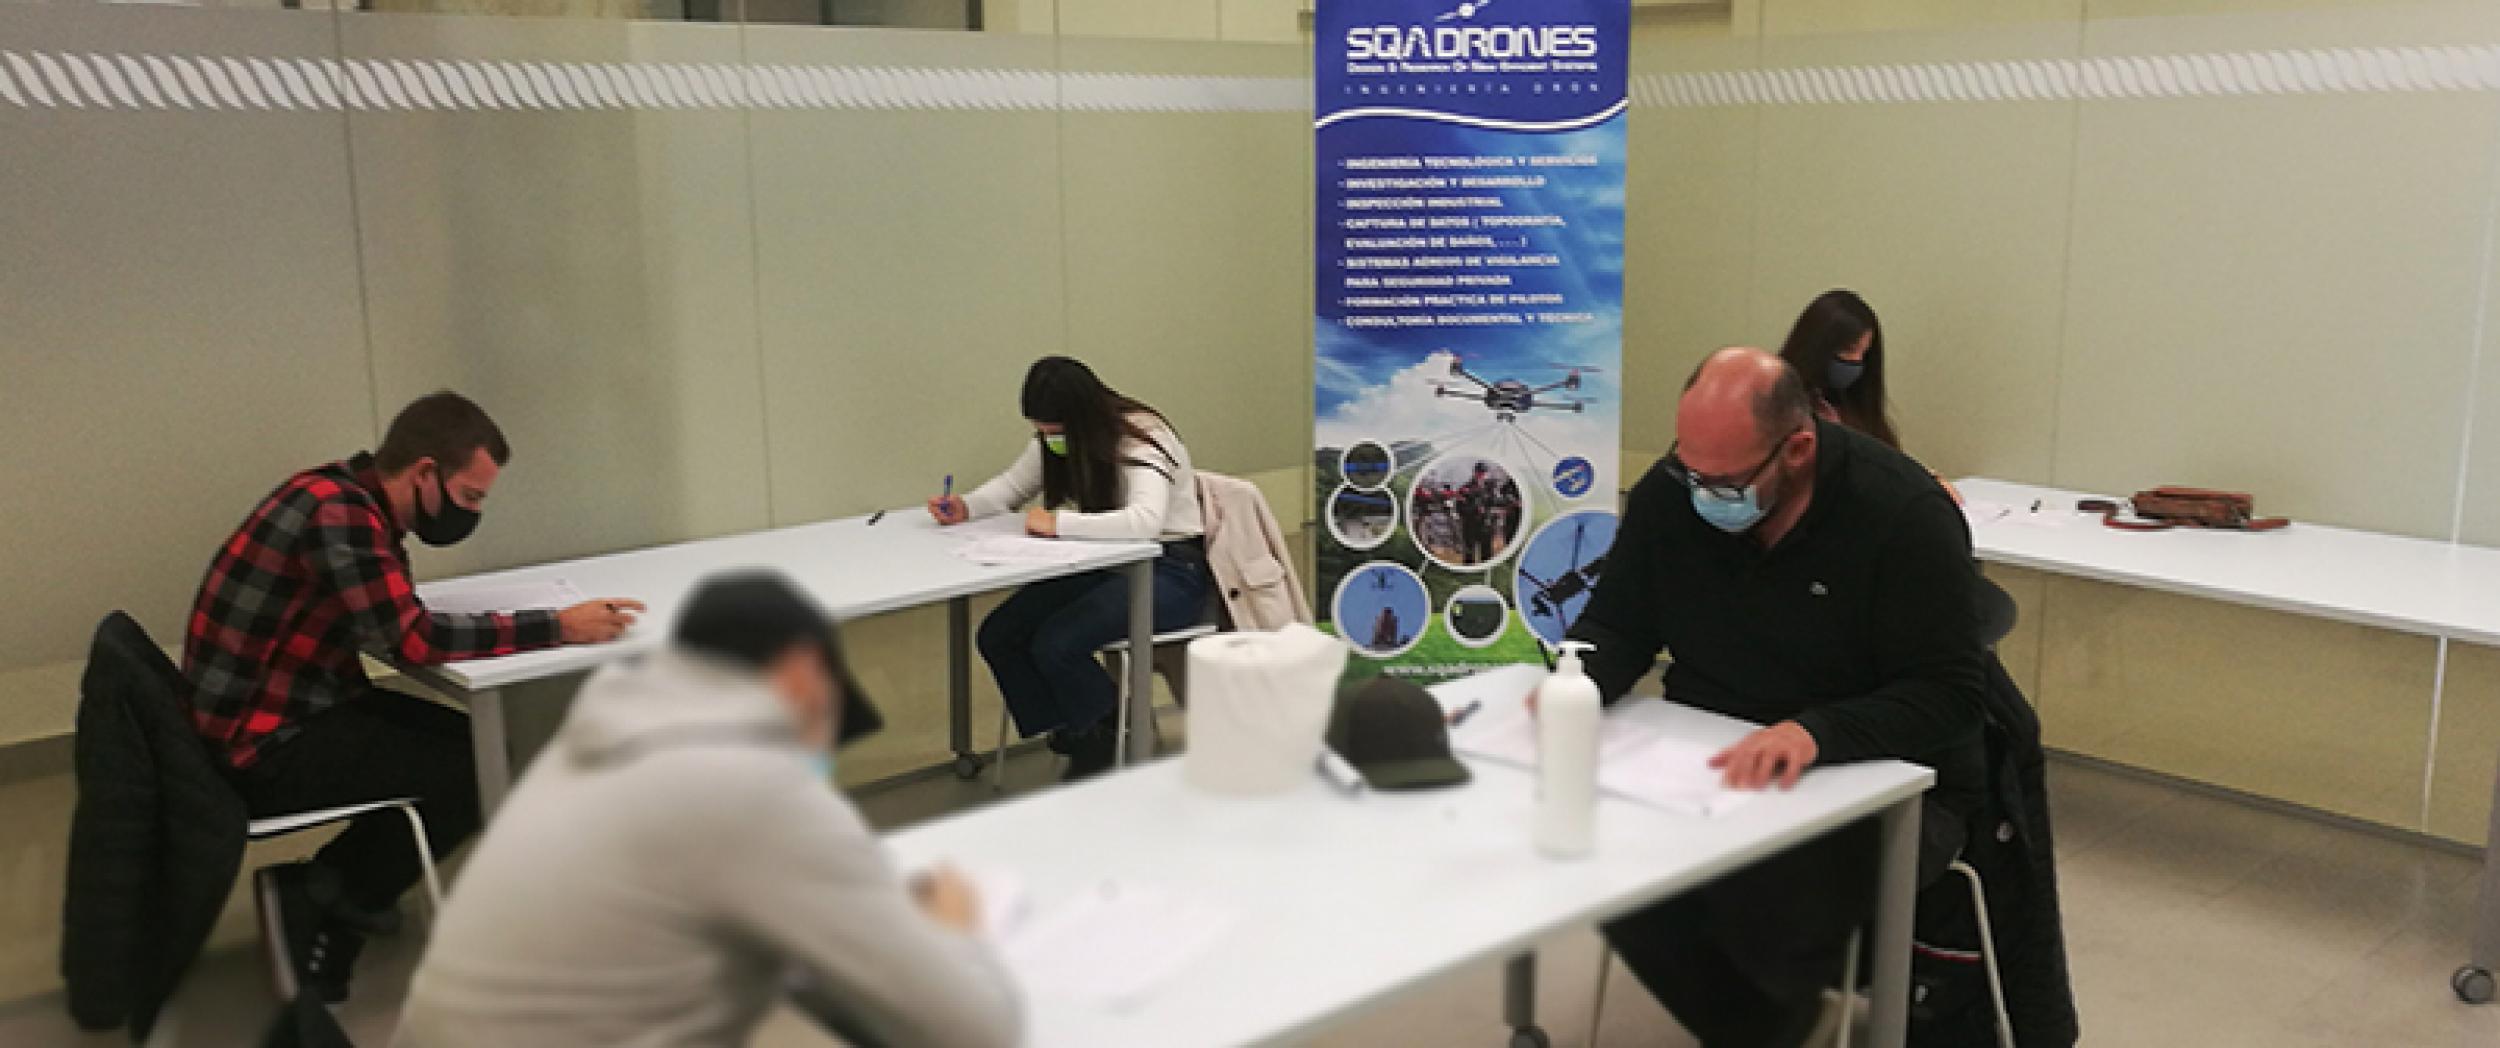 Títulos de pilotos de drones - SQAdrones'